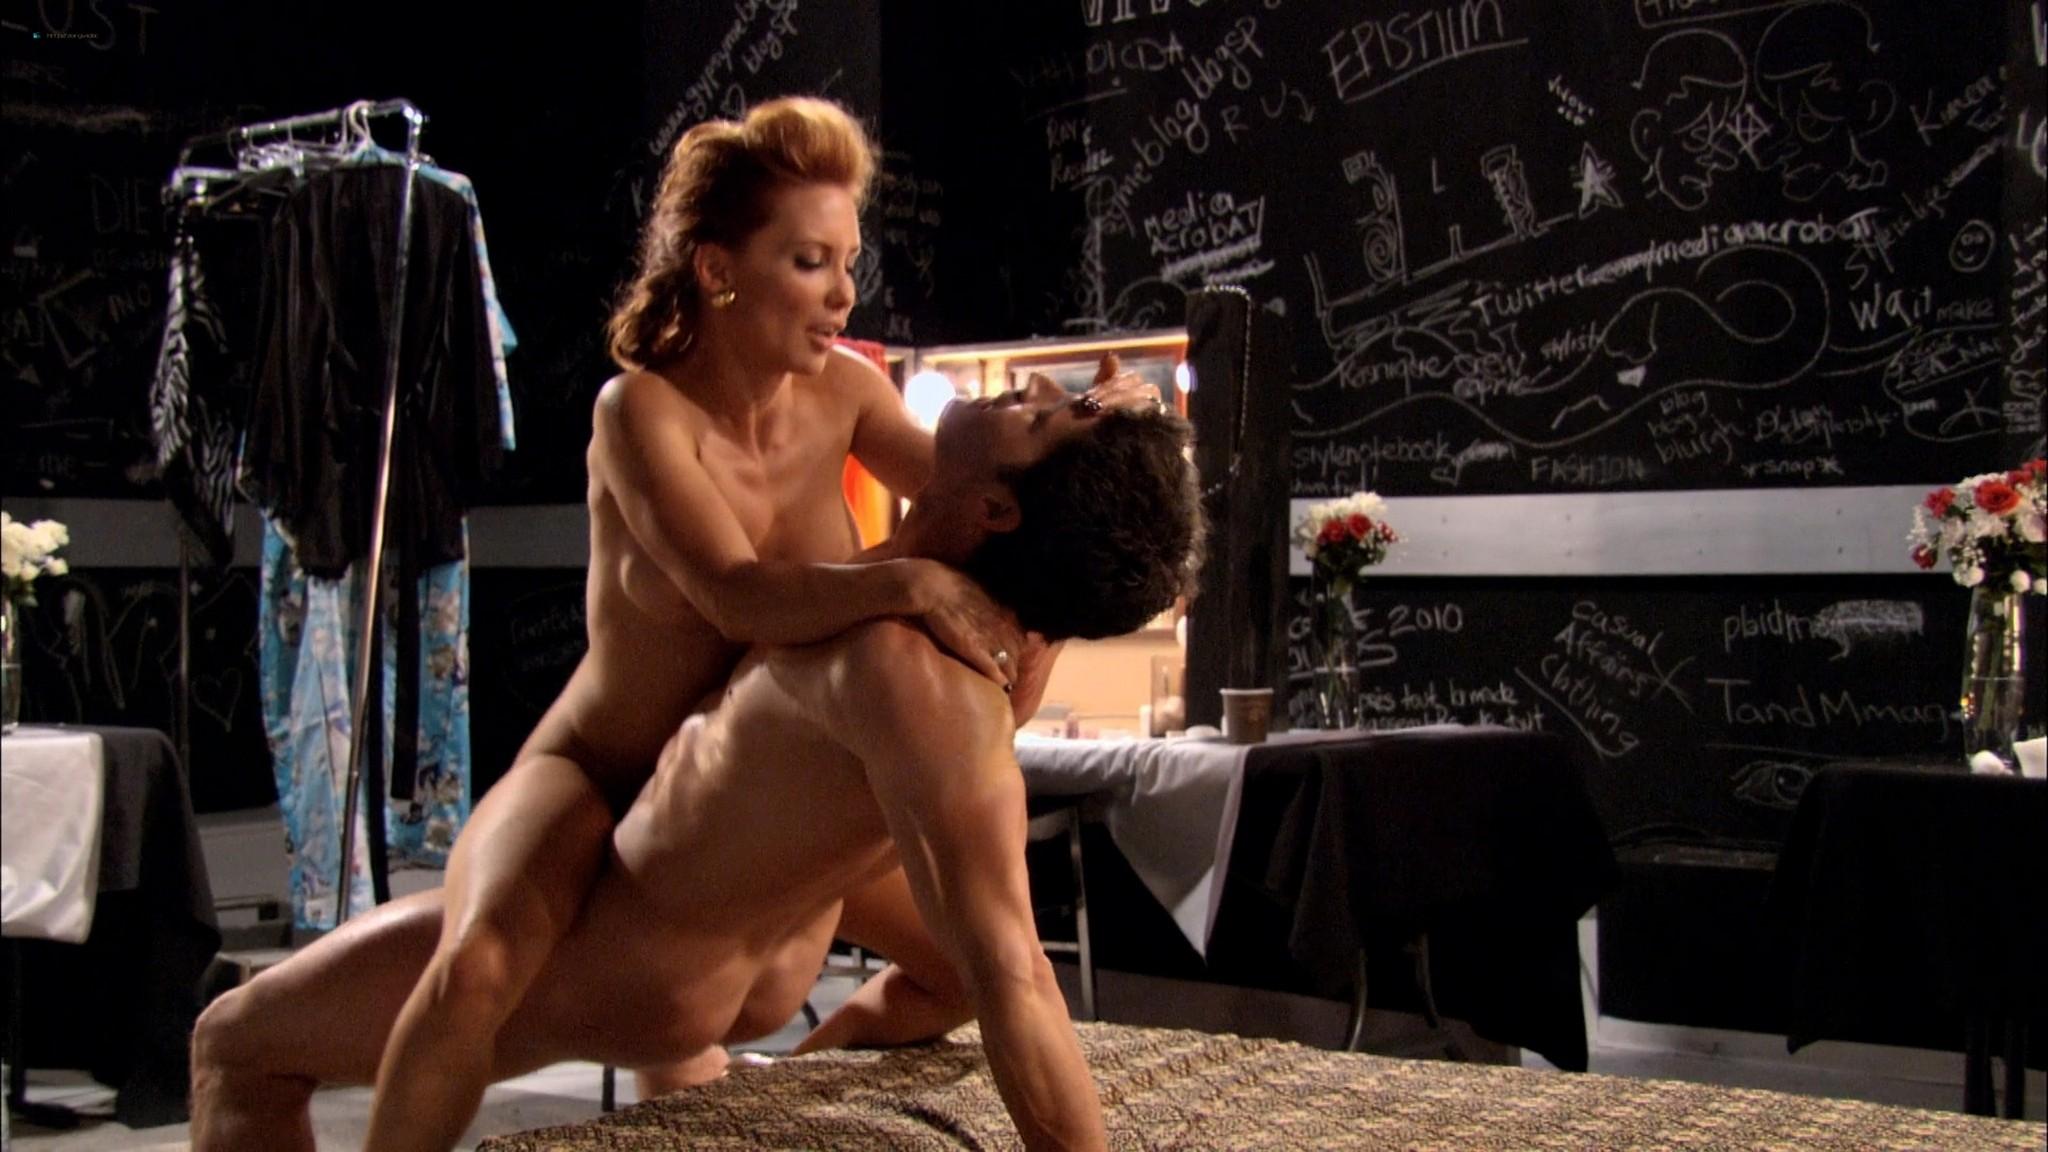 Jennifer Korbin nude hot sex Noelle DuBois Jessica Vandenberg nude sex too Lingerie 2009 s2e13 1080p 12